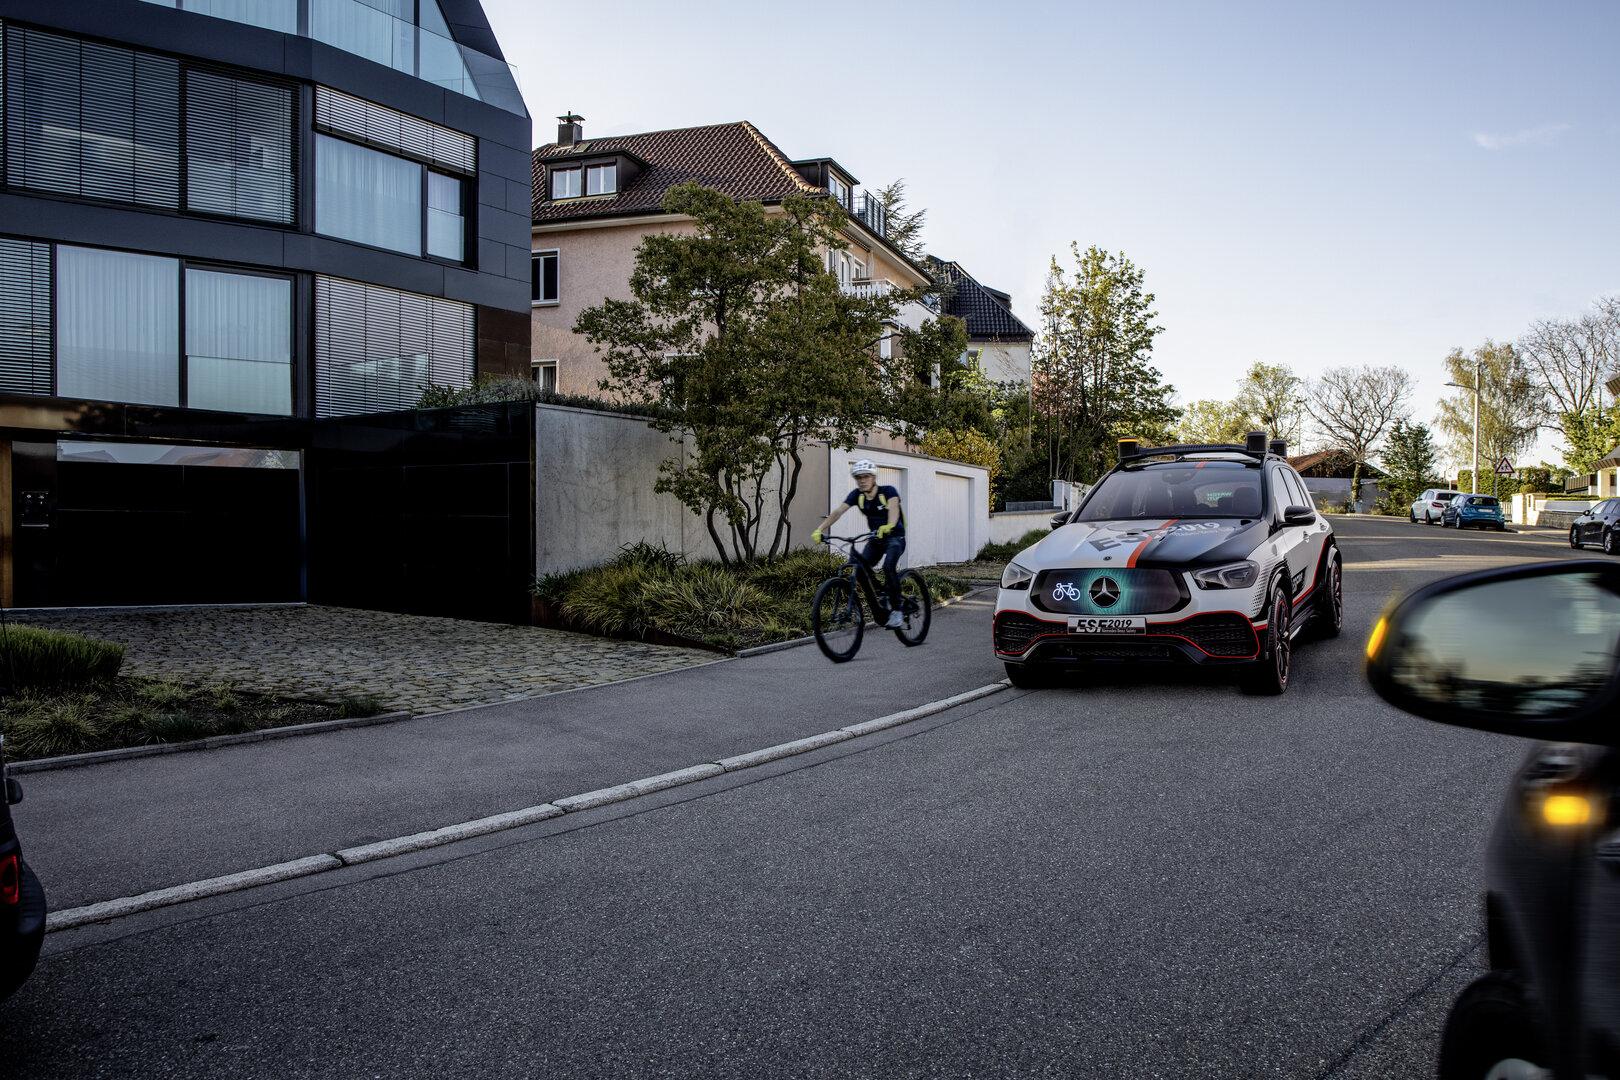 Auto erkennt Fahrradfahrer